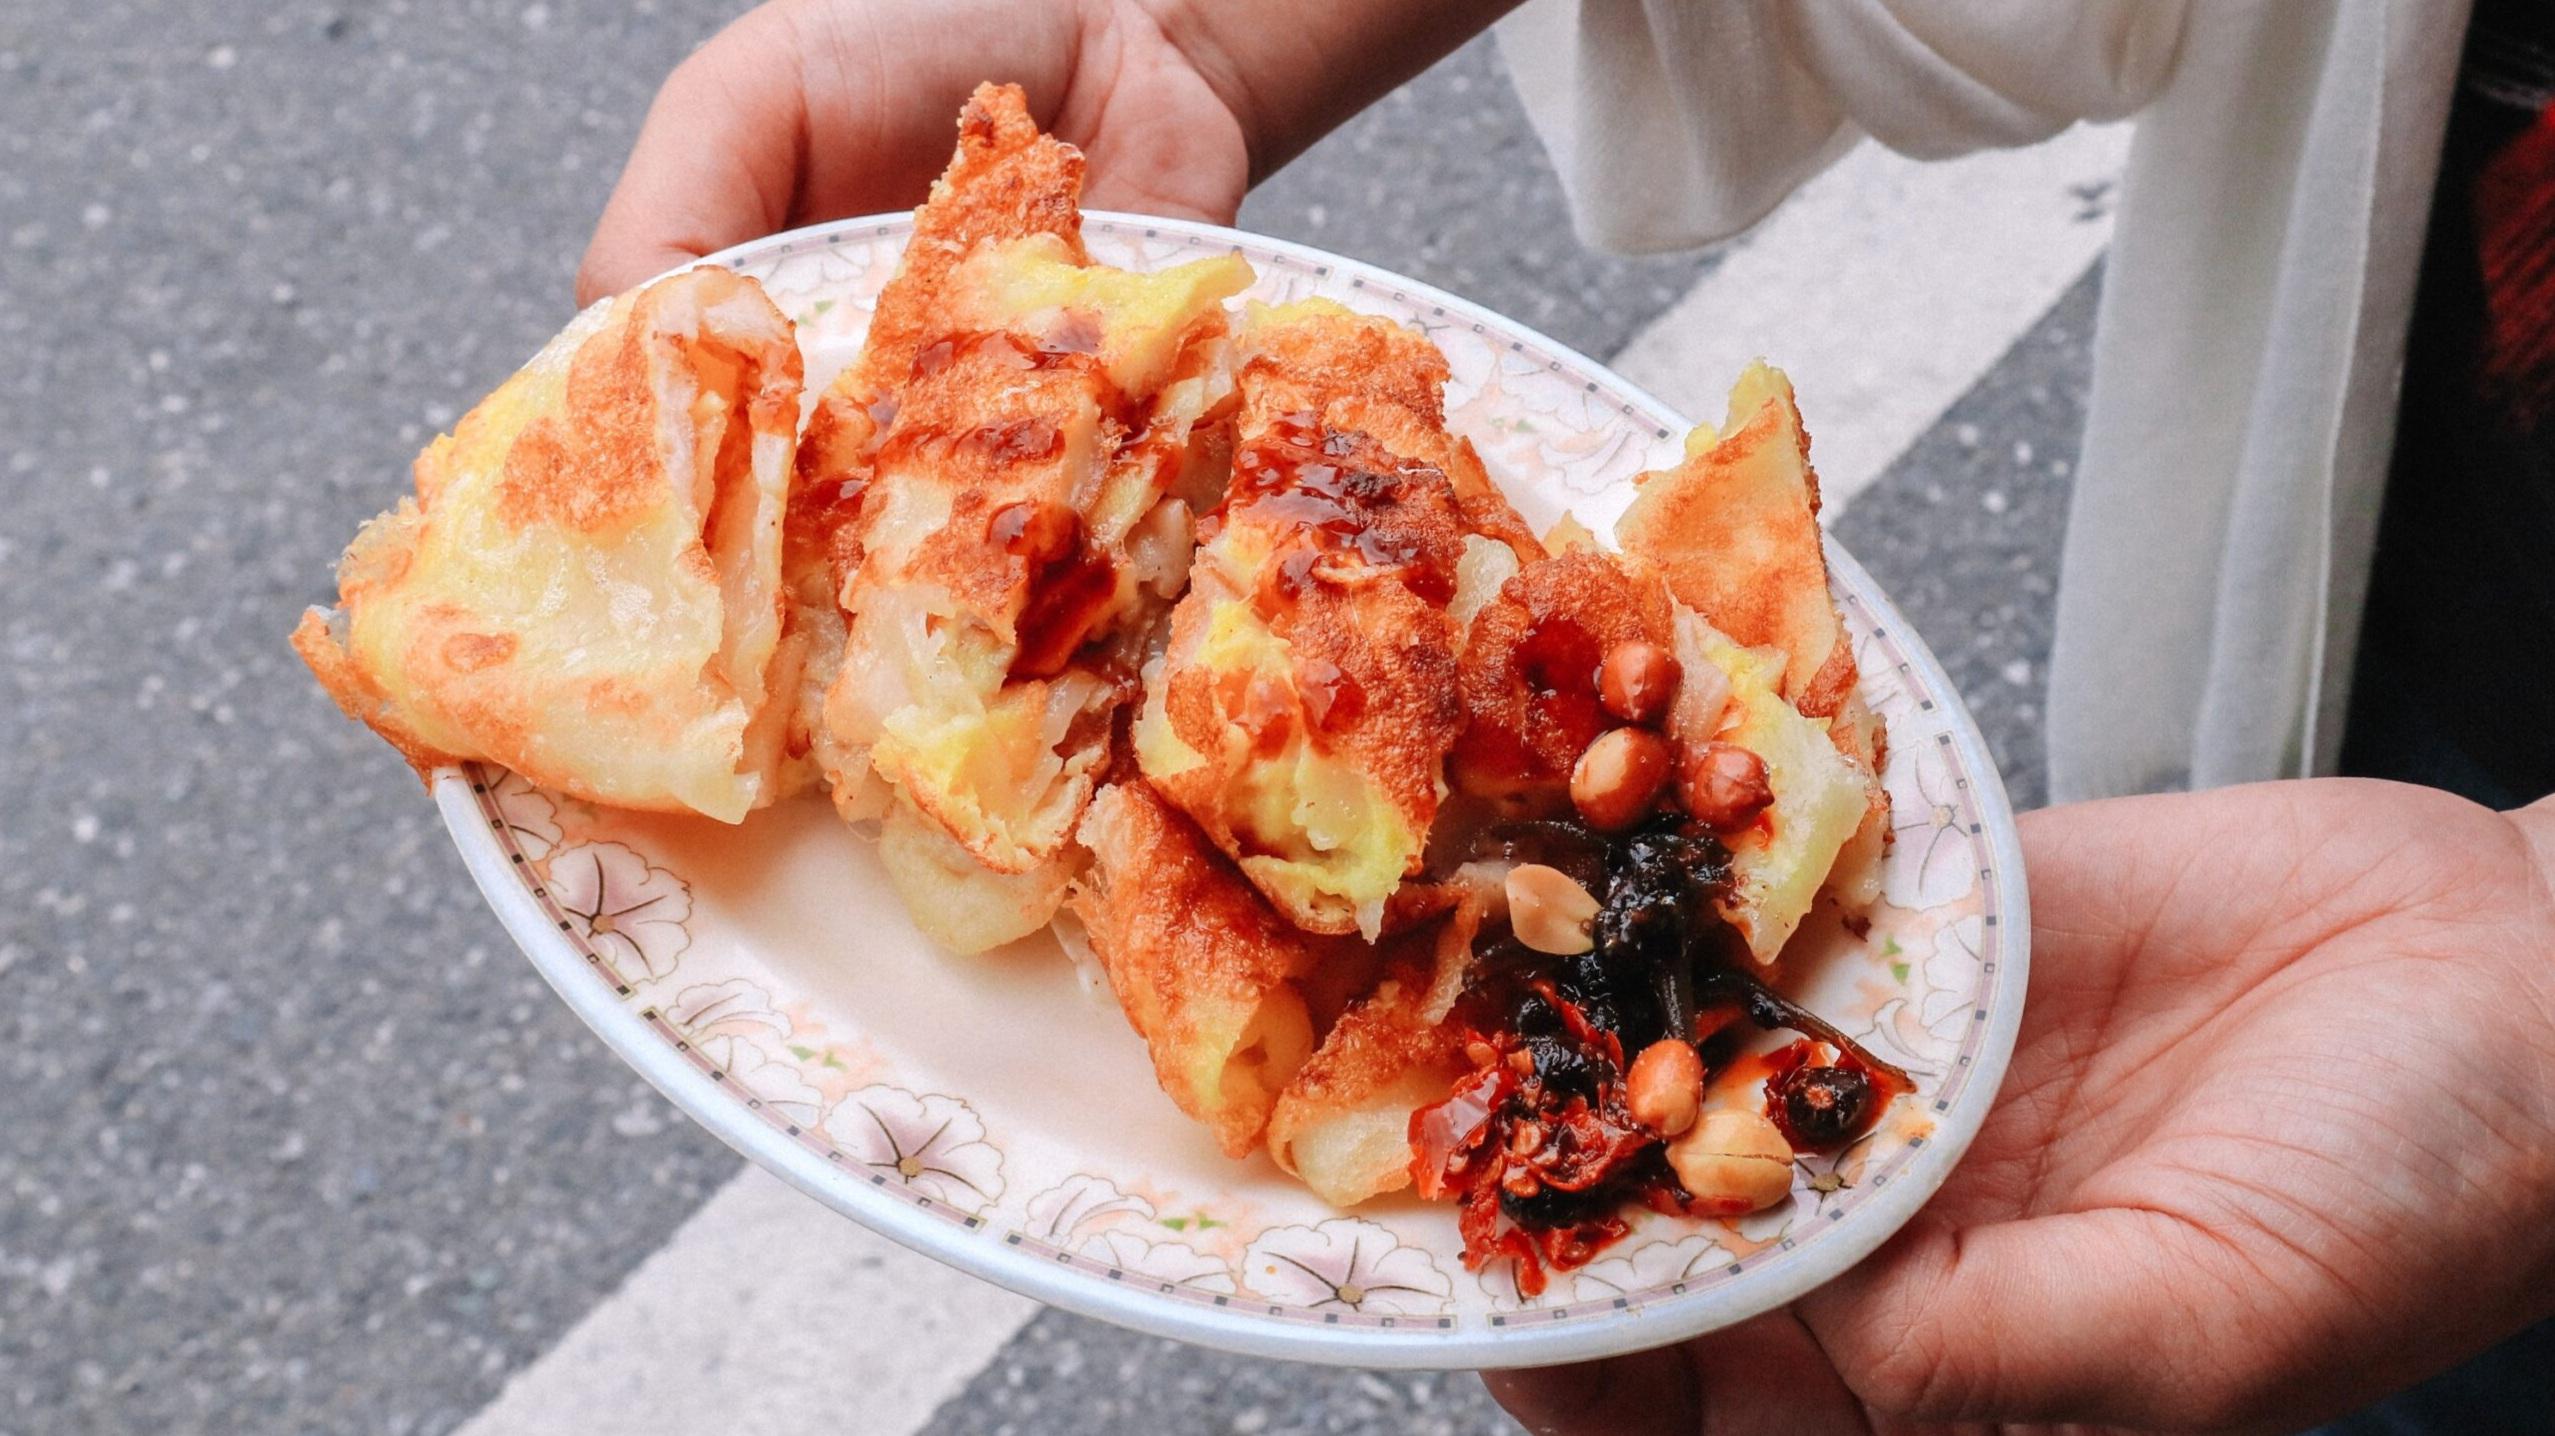 大漢街早餐店:在地人才知道的三十年無名傳統早餐店 /花蓮美食 @女子的休假計劃